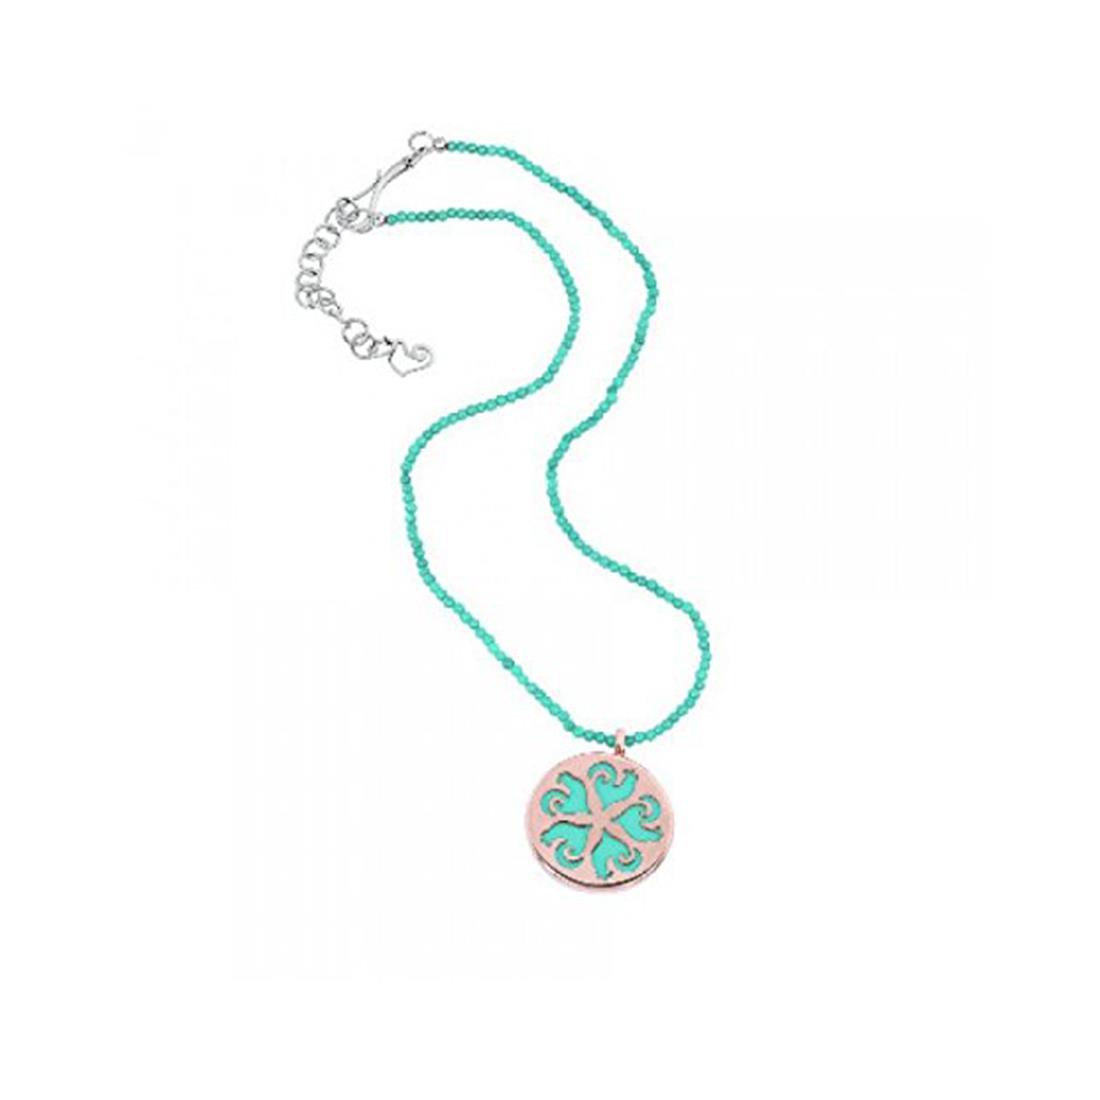 Collana Chantecler con collierino in turchese e chiusura in argento, pendente in oro rosa e resina turchese - CHANTECLER